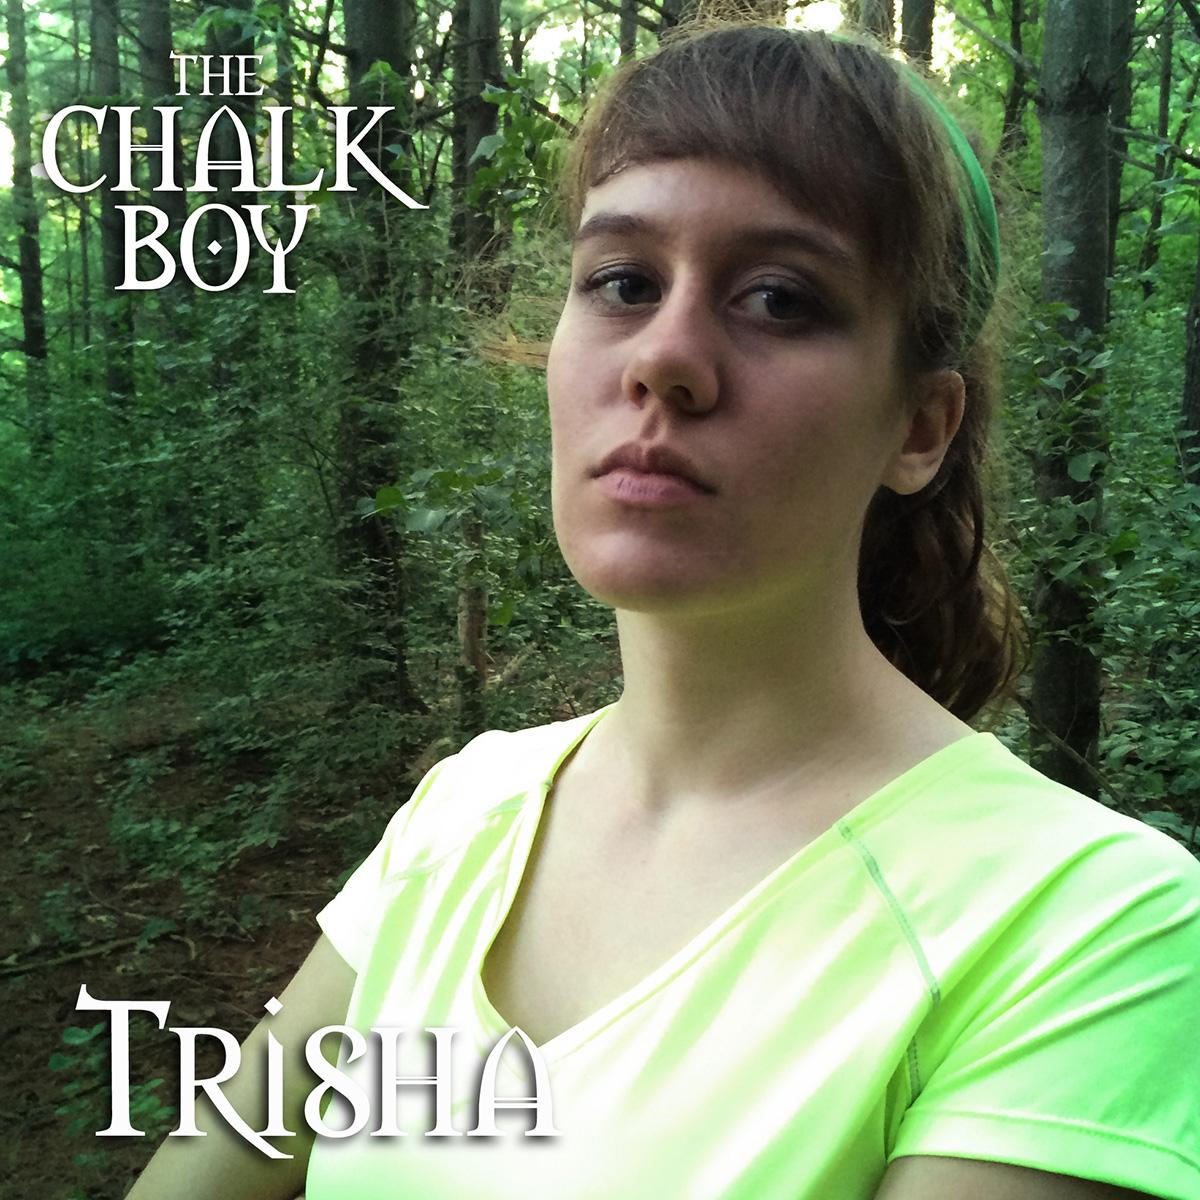 Trisha-01.jpg